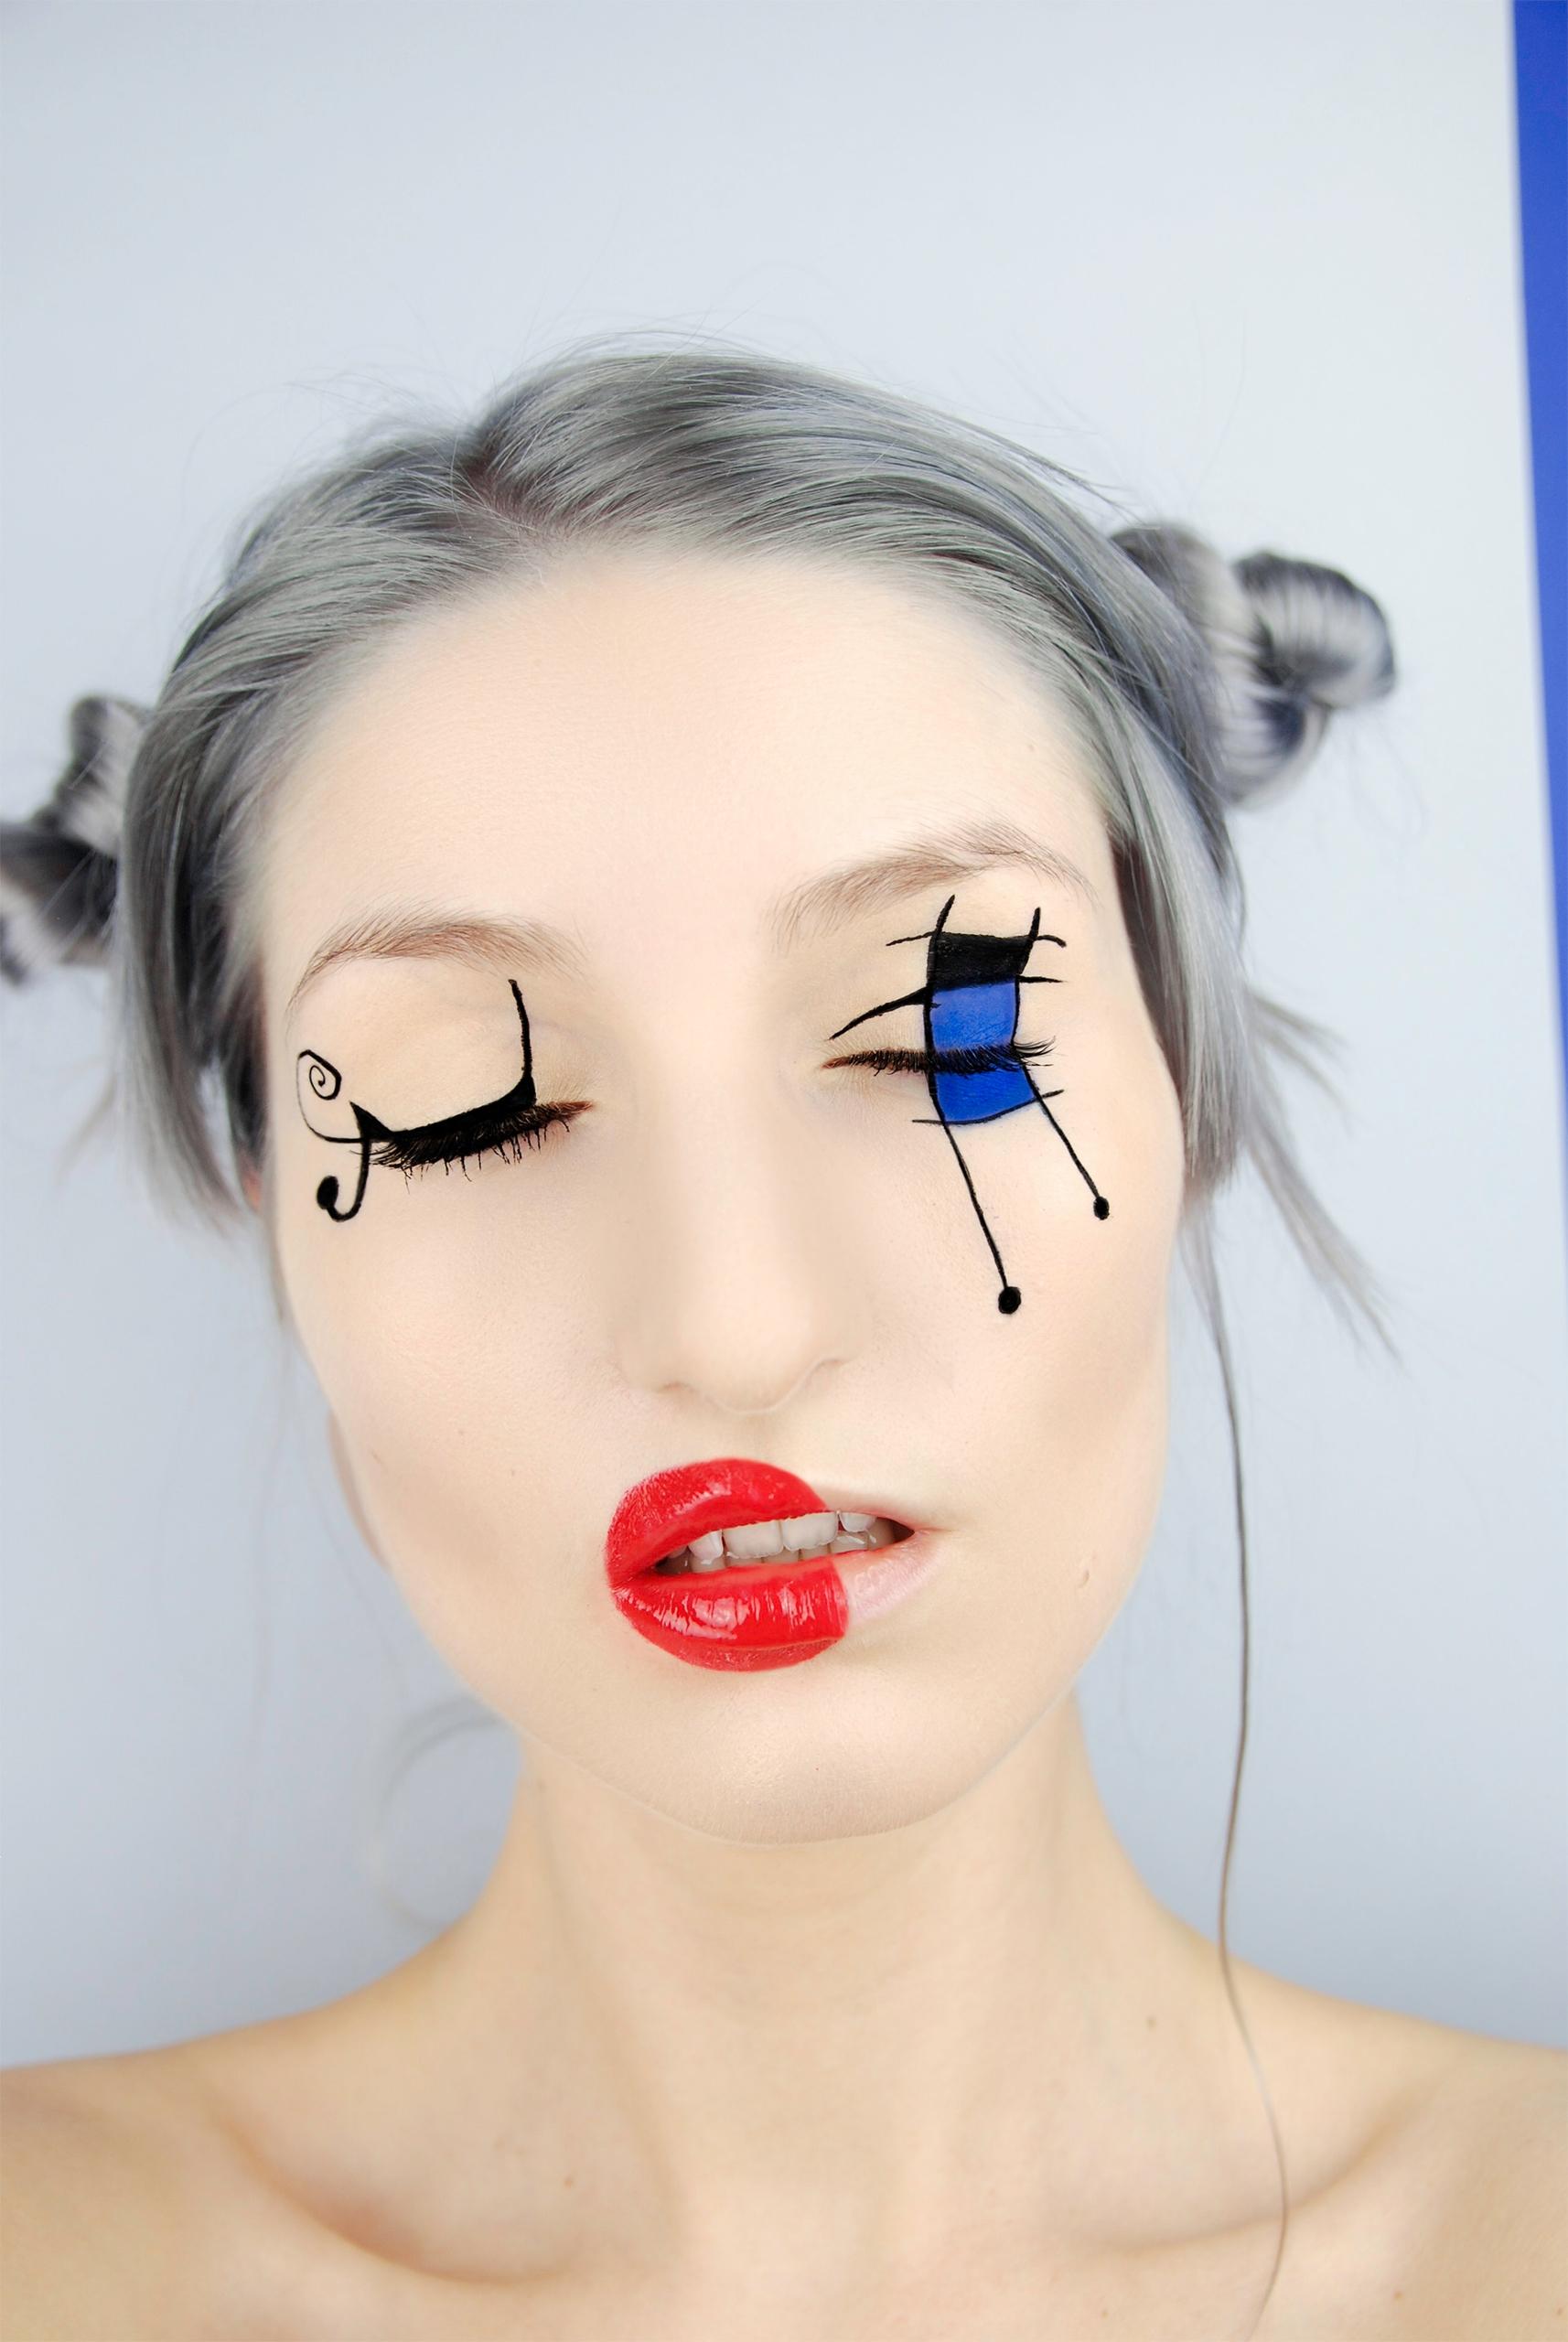 Zdjęcie przedstawia portret młodej kobiety na szarym tle w artystycznym makijażu. Kobieta ma zamknięte oczy i siwe włosy.